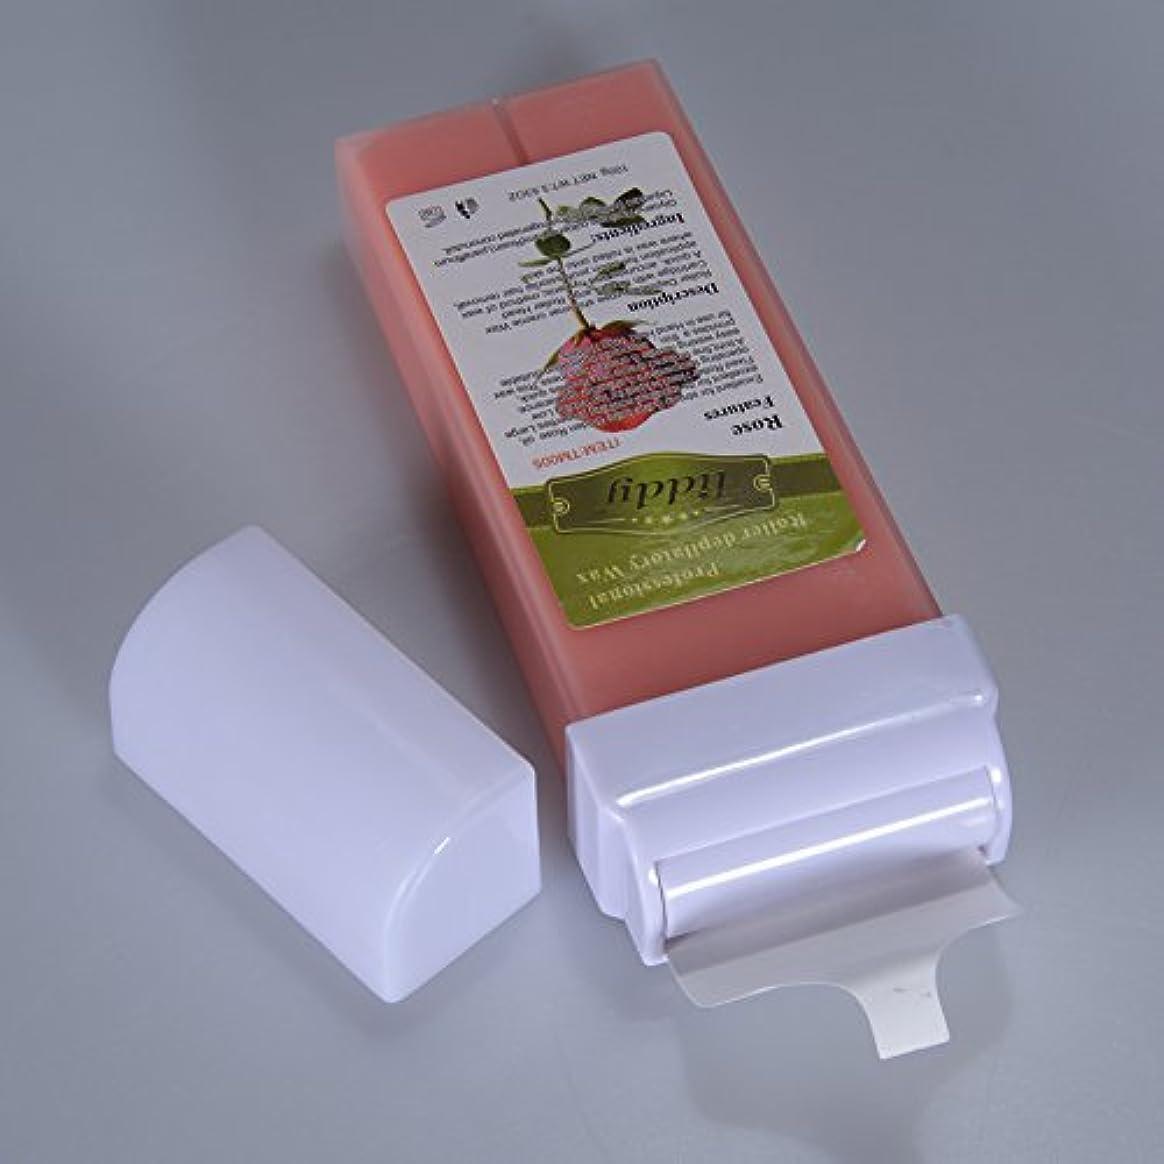 リハーサル姿勢ひばりRabugoo 脱毛プロフェッショナル使用水溶性脱毛砂糖ワックスカートリッジワックスグッドスメル - 100g / 3.53oz 100g rose